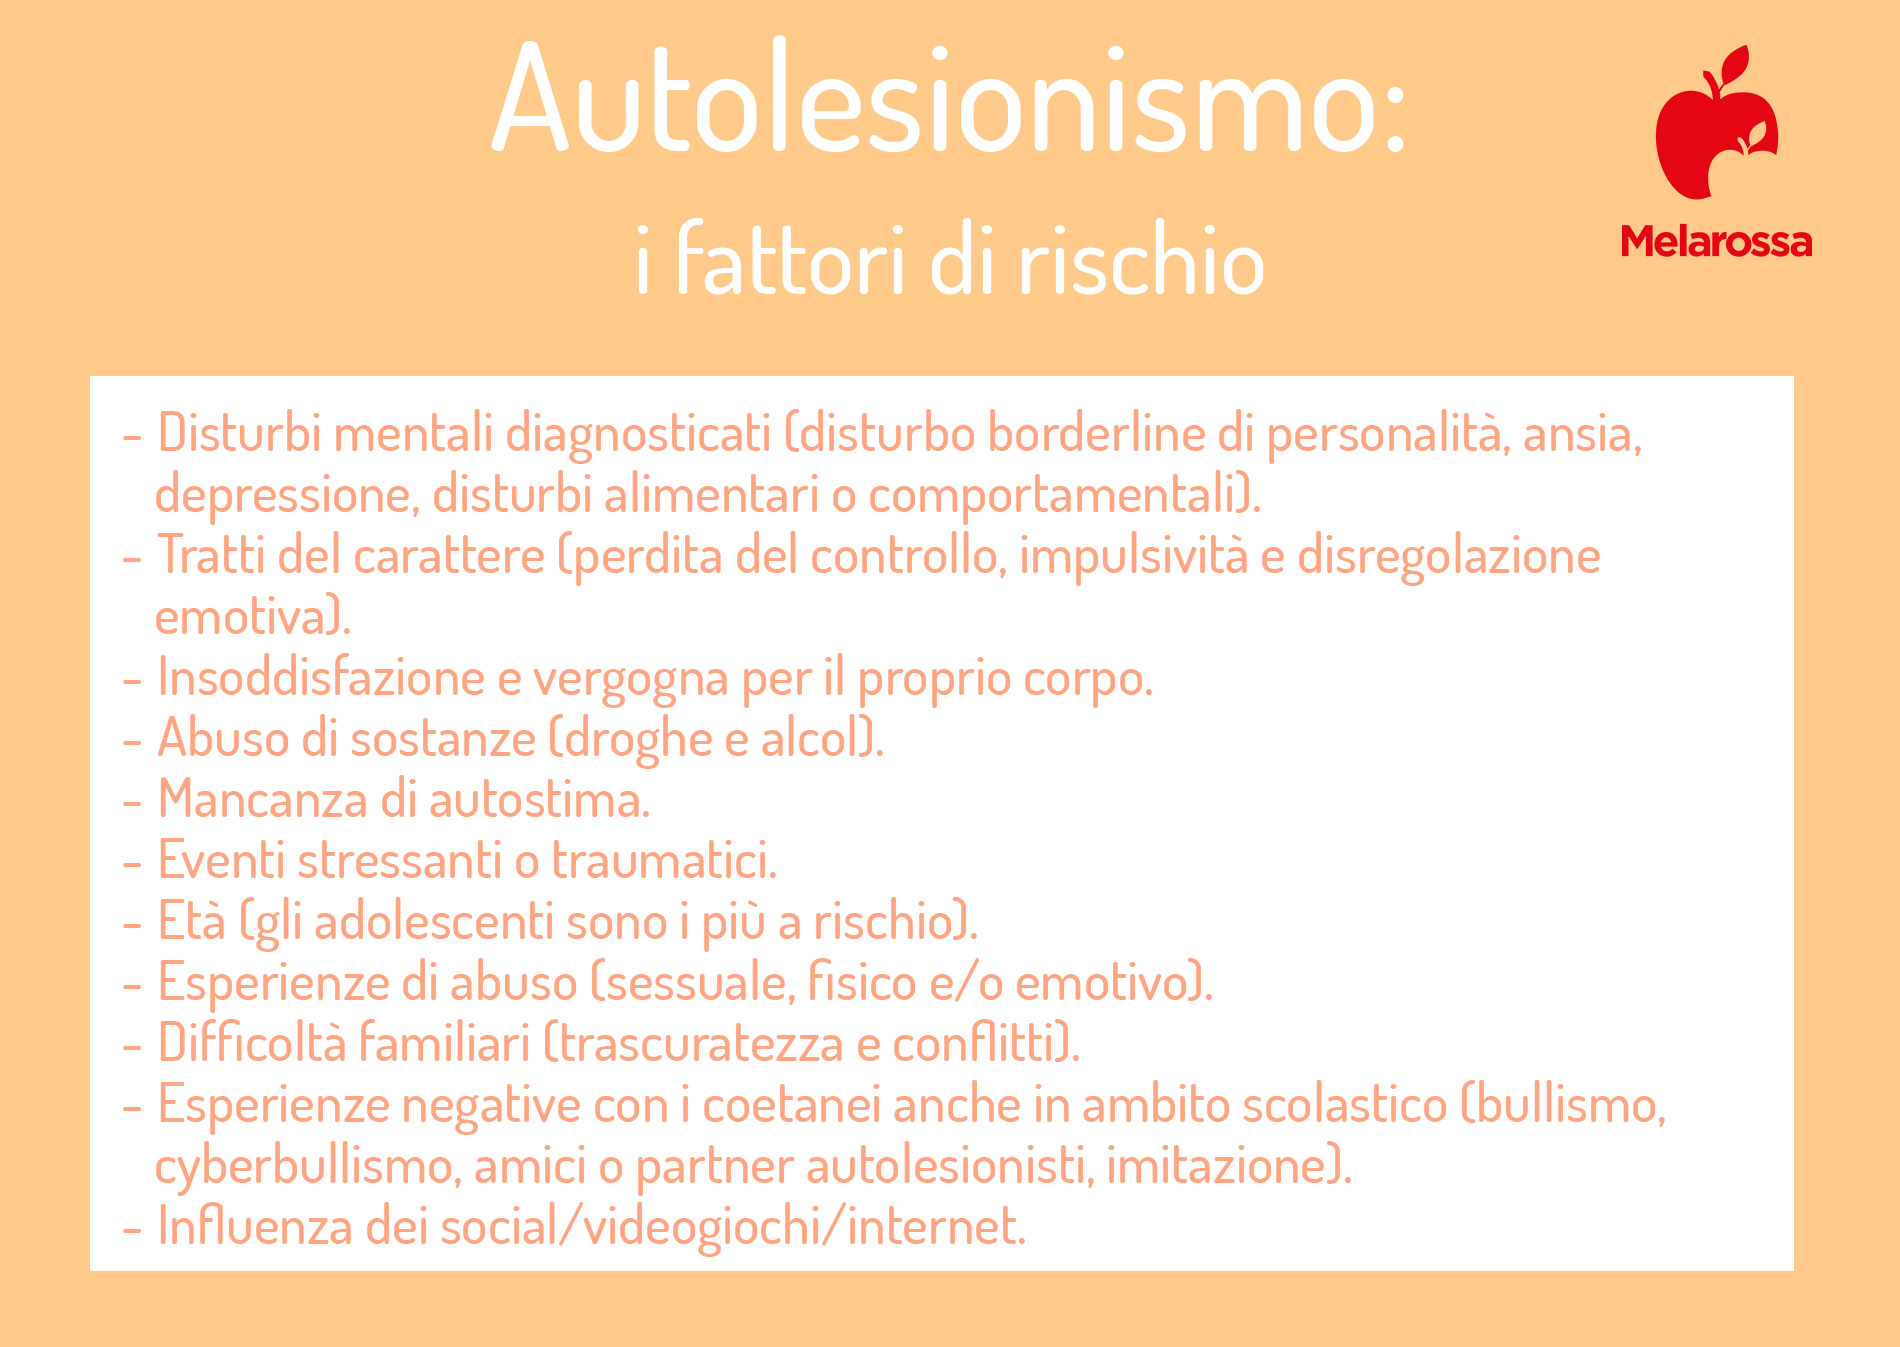 autolesionismo: fattori di rischio